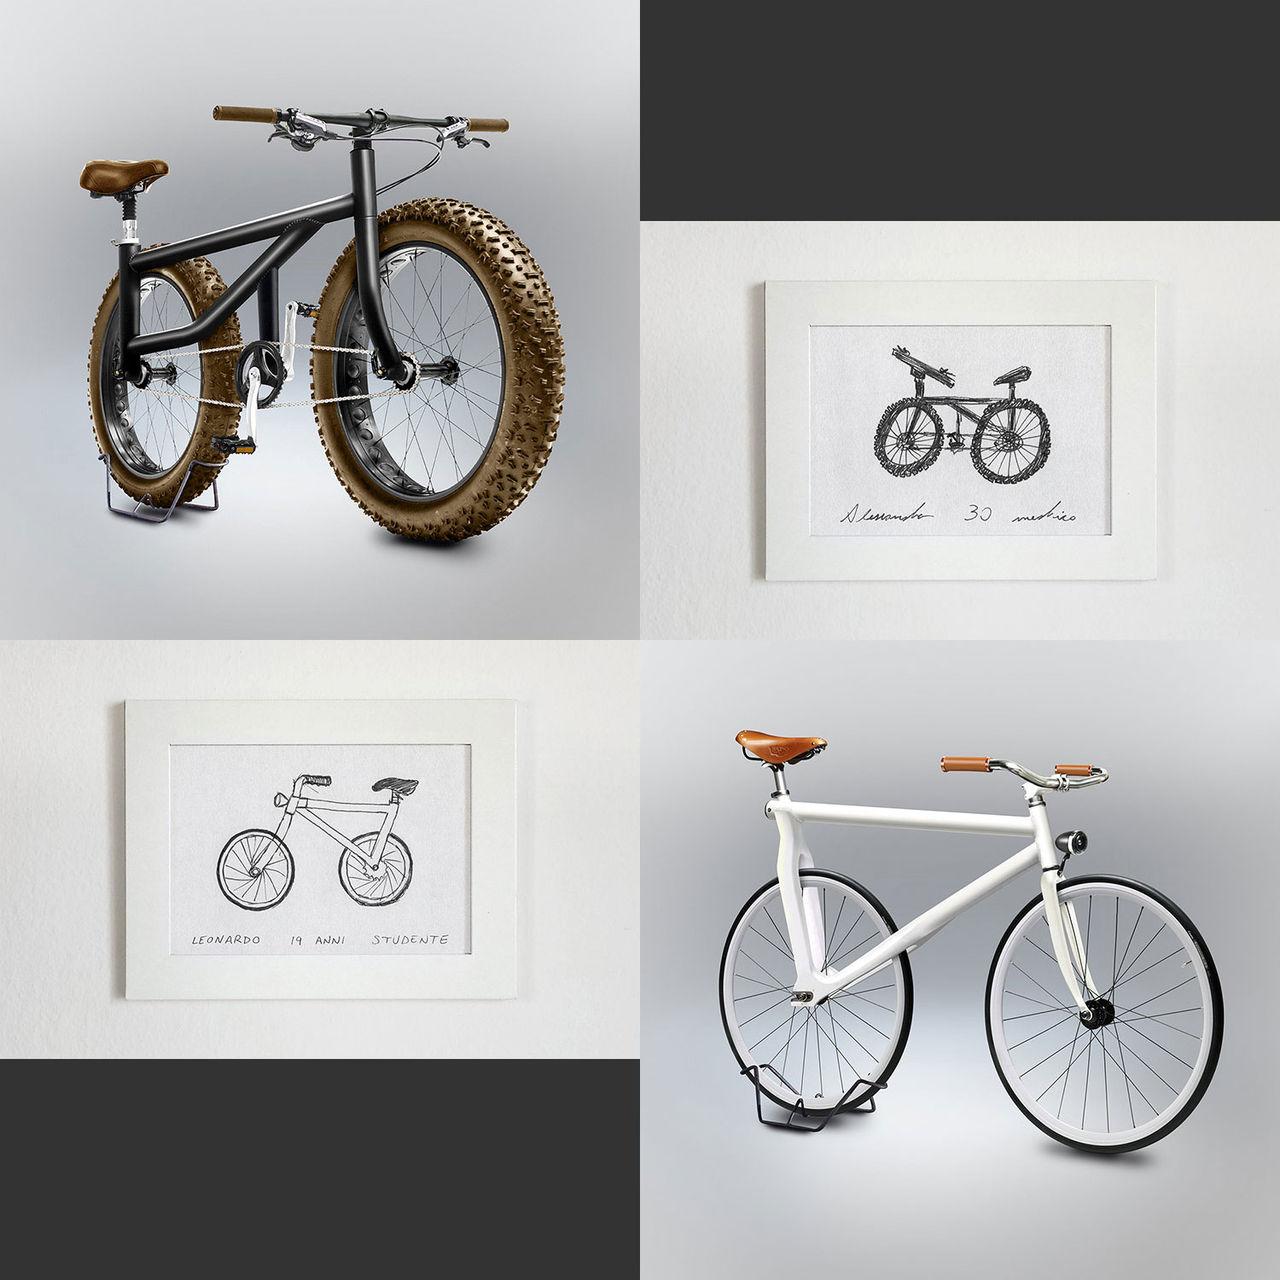 Gianluca har gjort konstiga cyklar lite verkliga